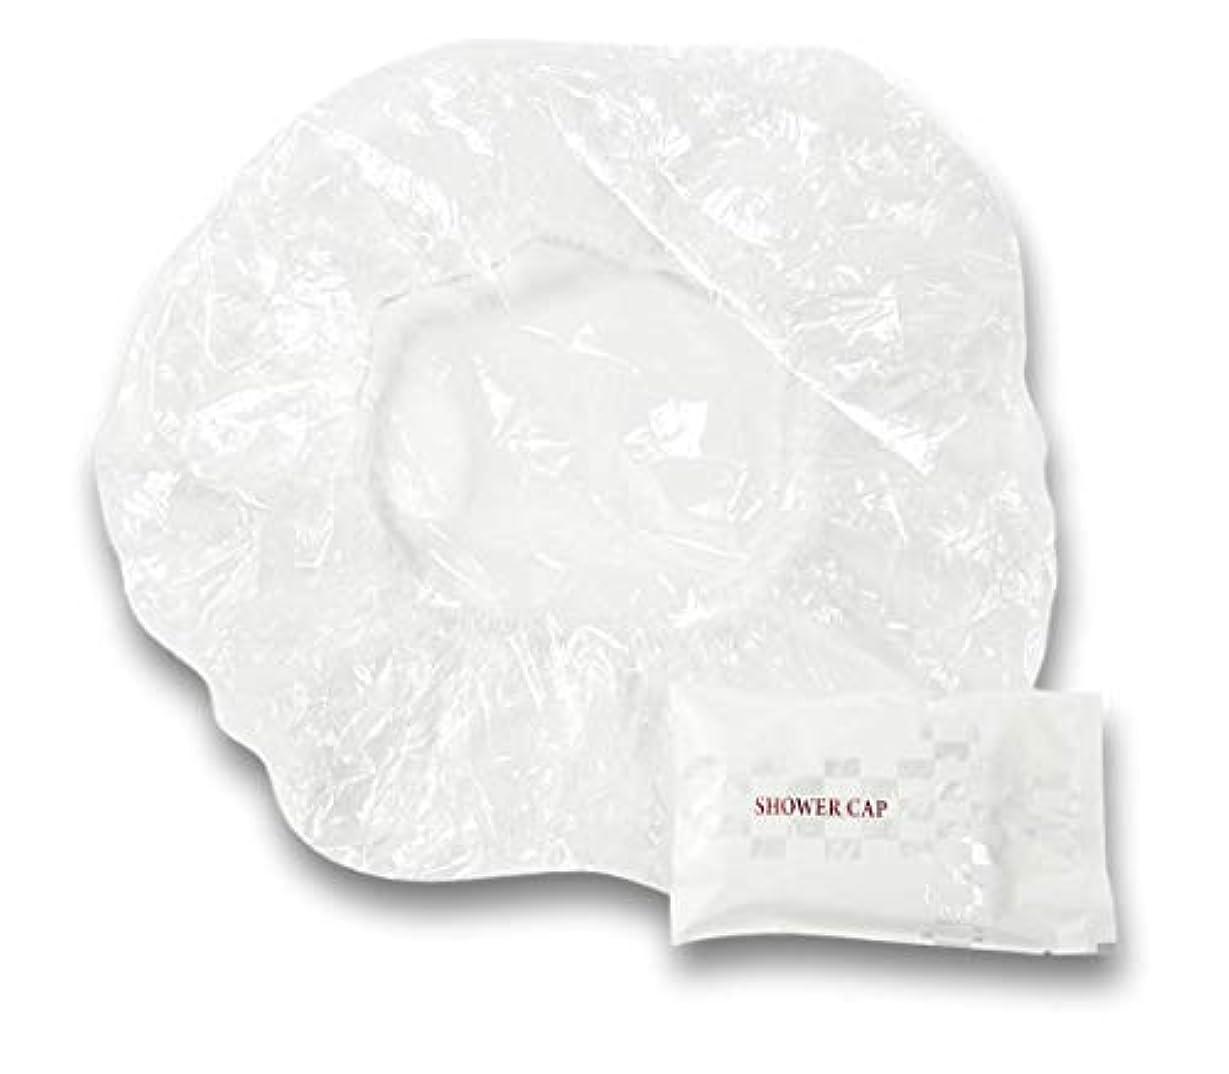 ラフレシアアルノルディ呼吸するアミューズラティス シャワーキャップ 業務用 個別包装100入り 使い捨てキャップ